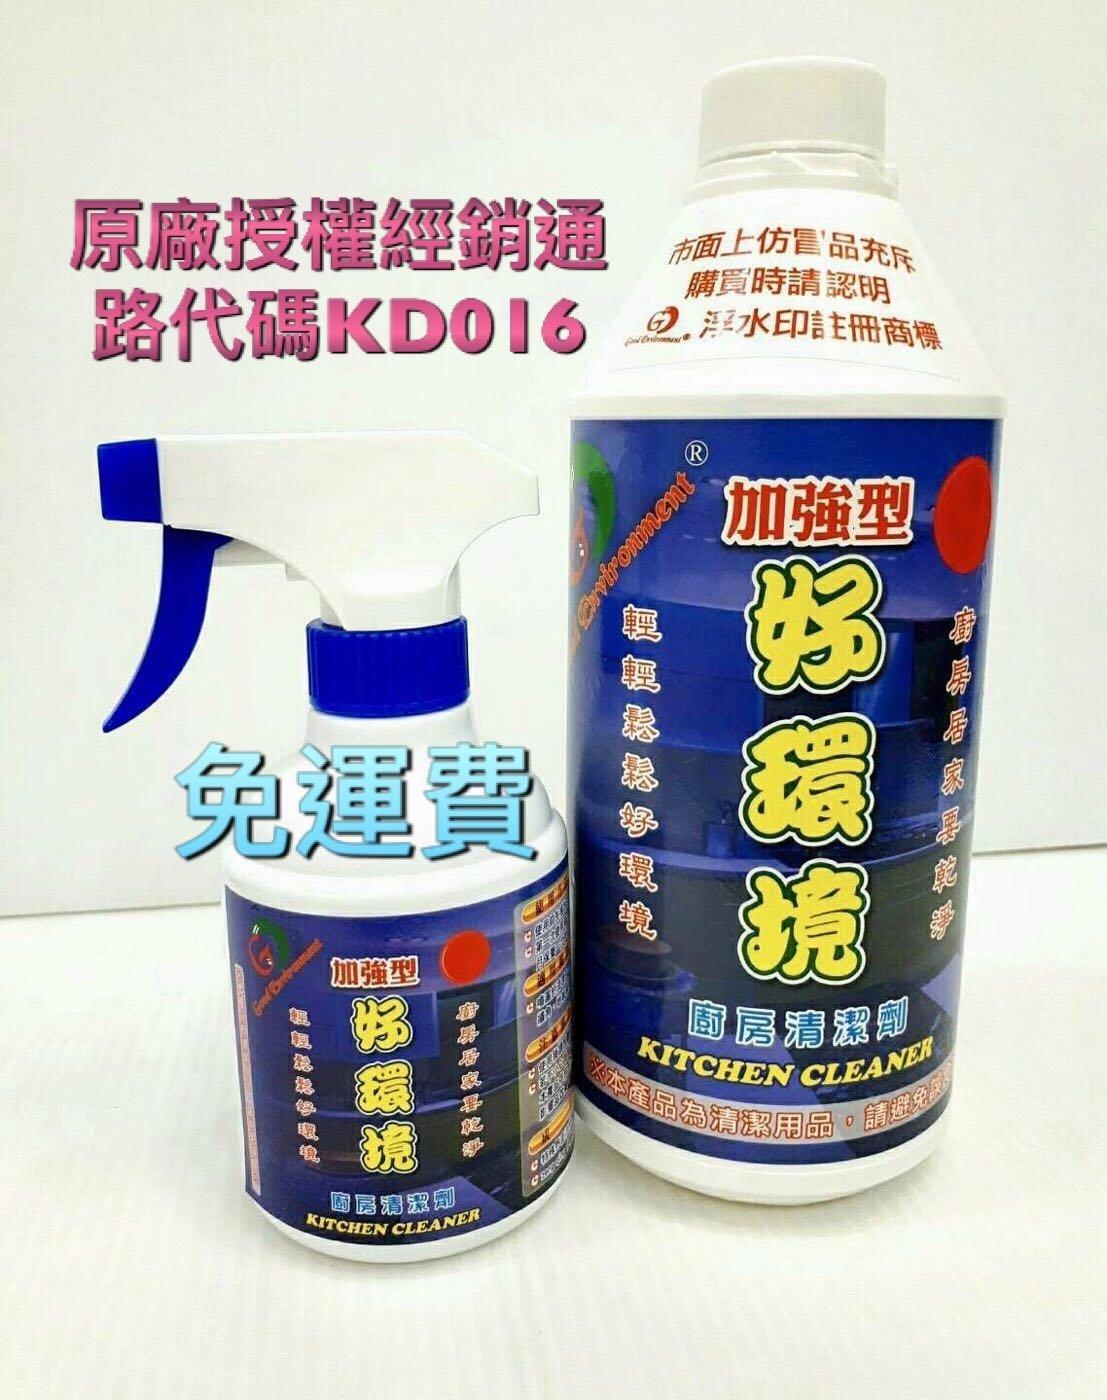 免 !好環境廚房清潔劑。本產品通過SGS測試合格。1000ml*1罐(噴灑空罐*1)